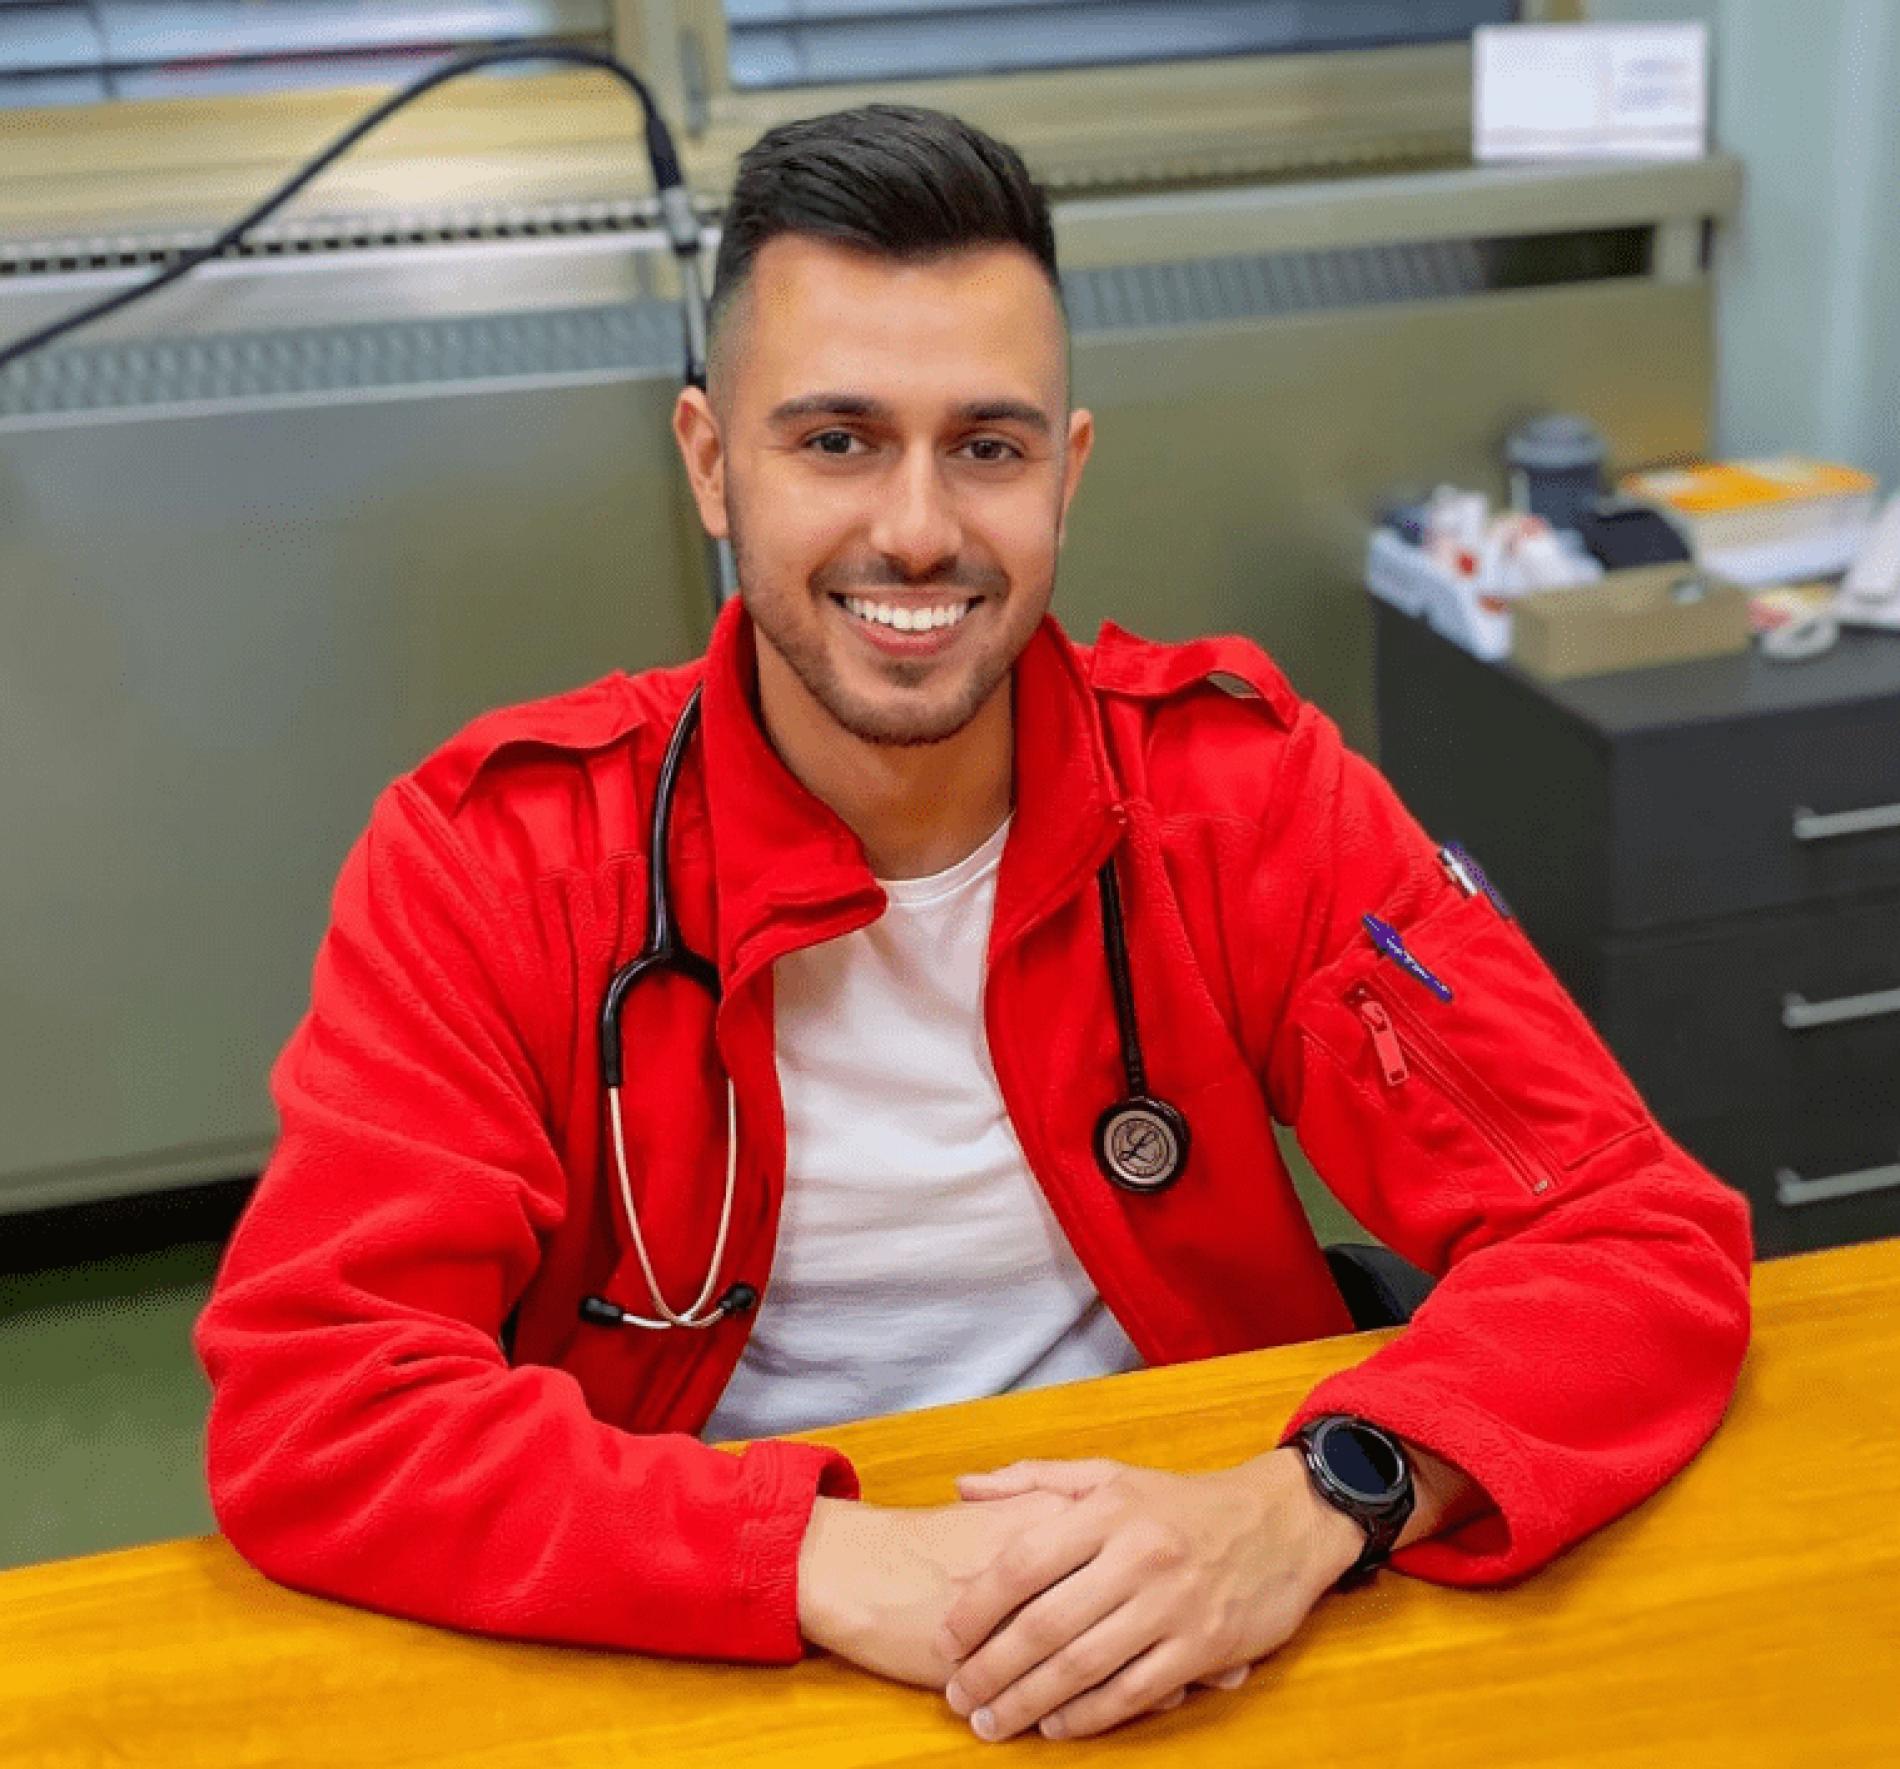 Nedim Selimović, uspješni student i mladi ljekar iz Tuzle: Imam želju da pomažem i liječim naš narod